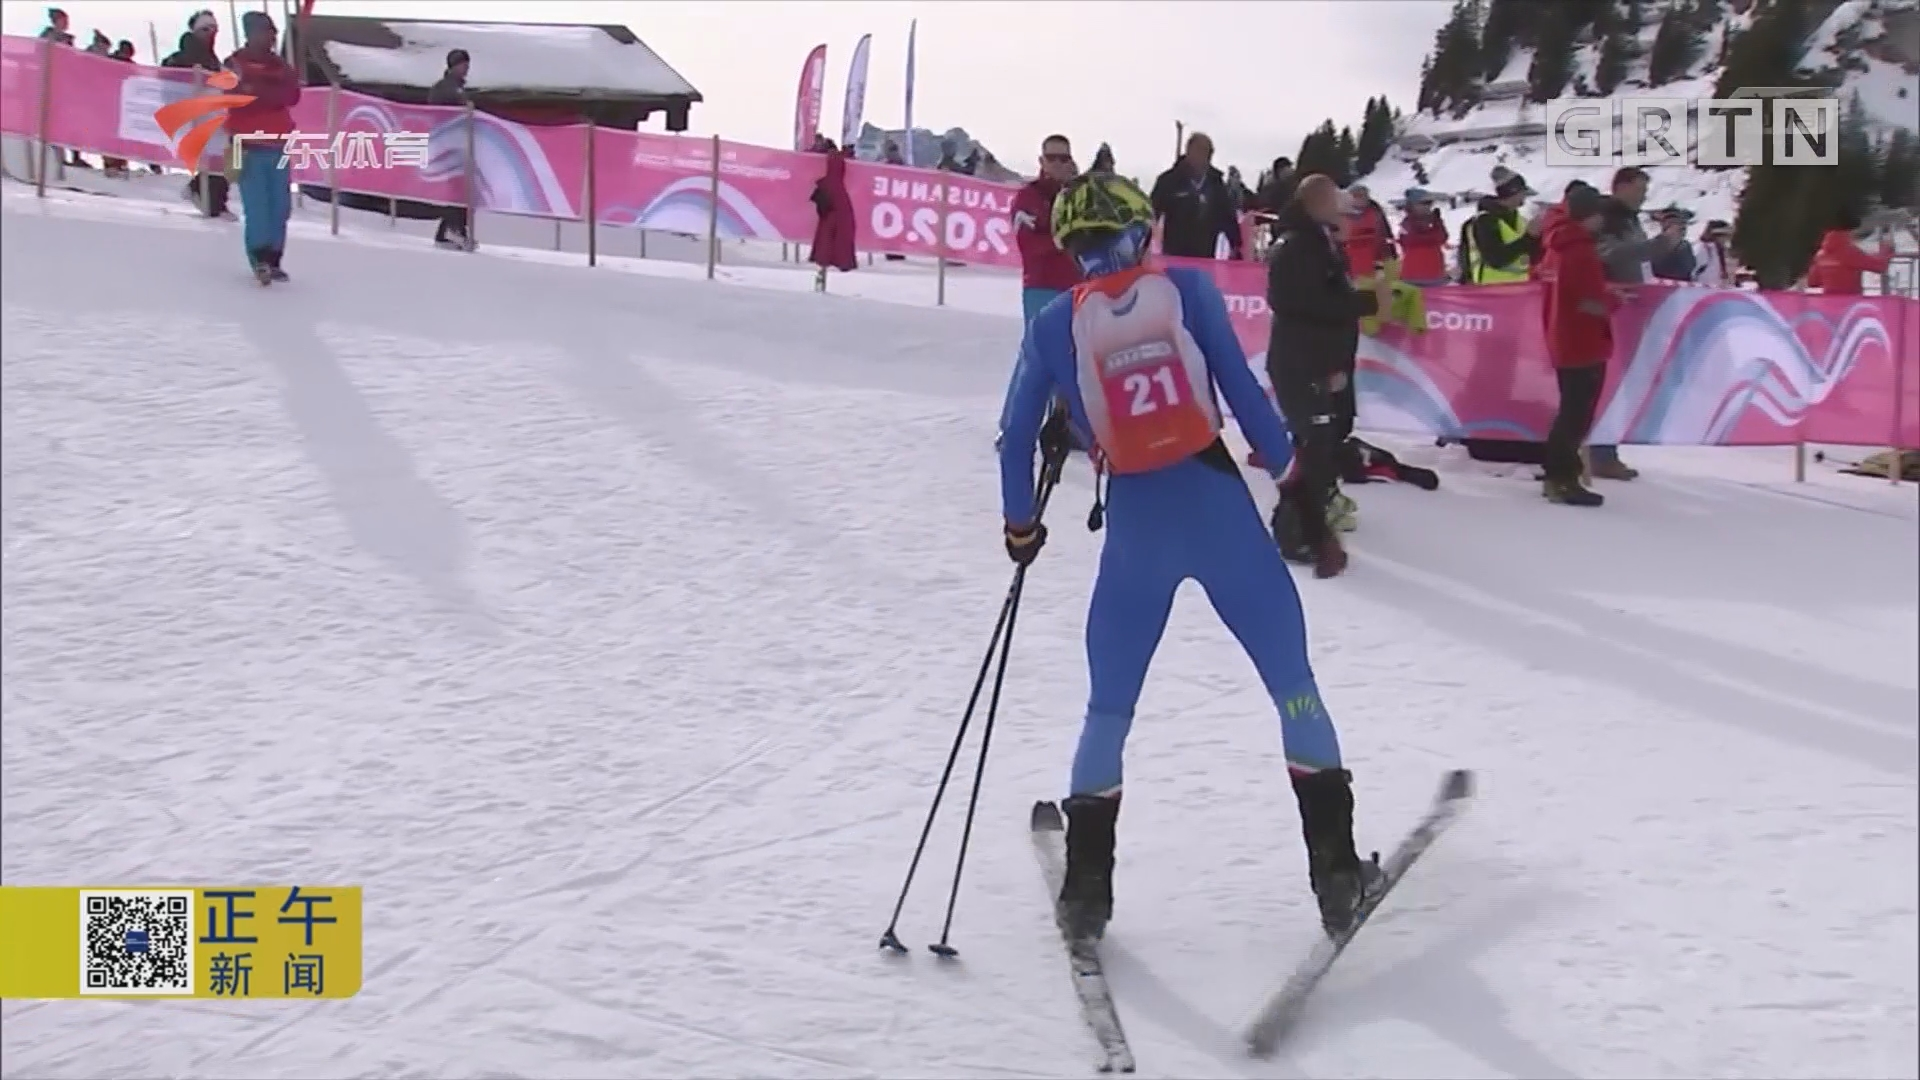 冬青奥速滑项目 中国代表团再添一铜